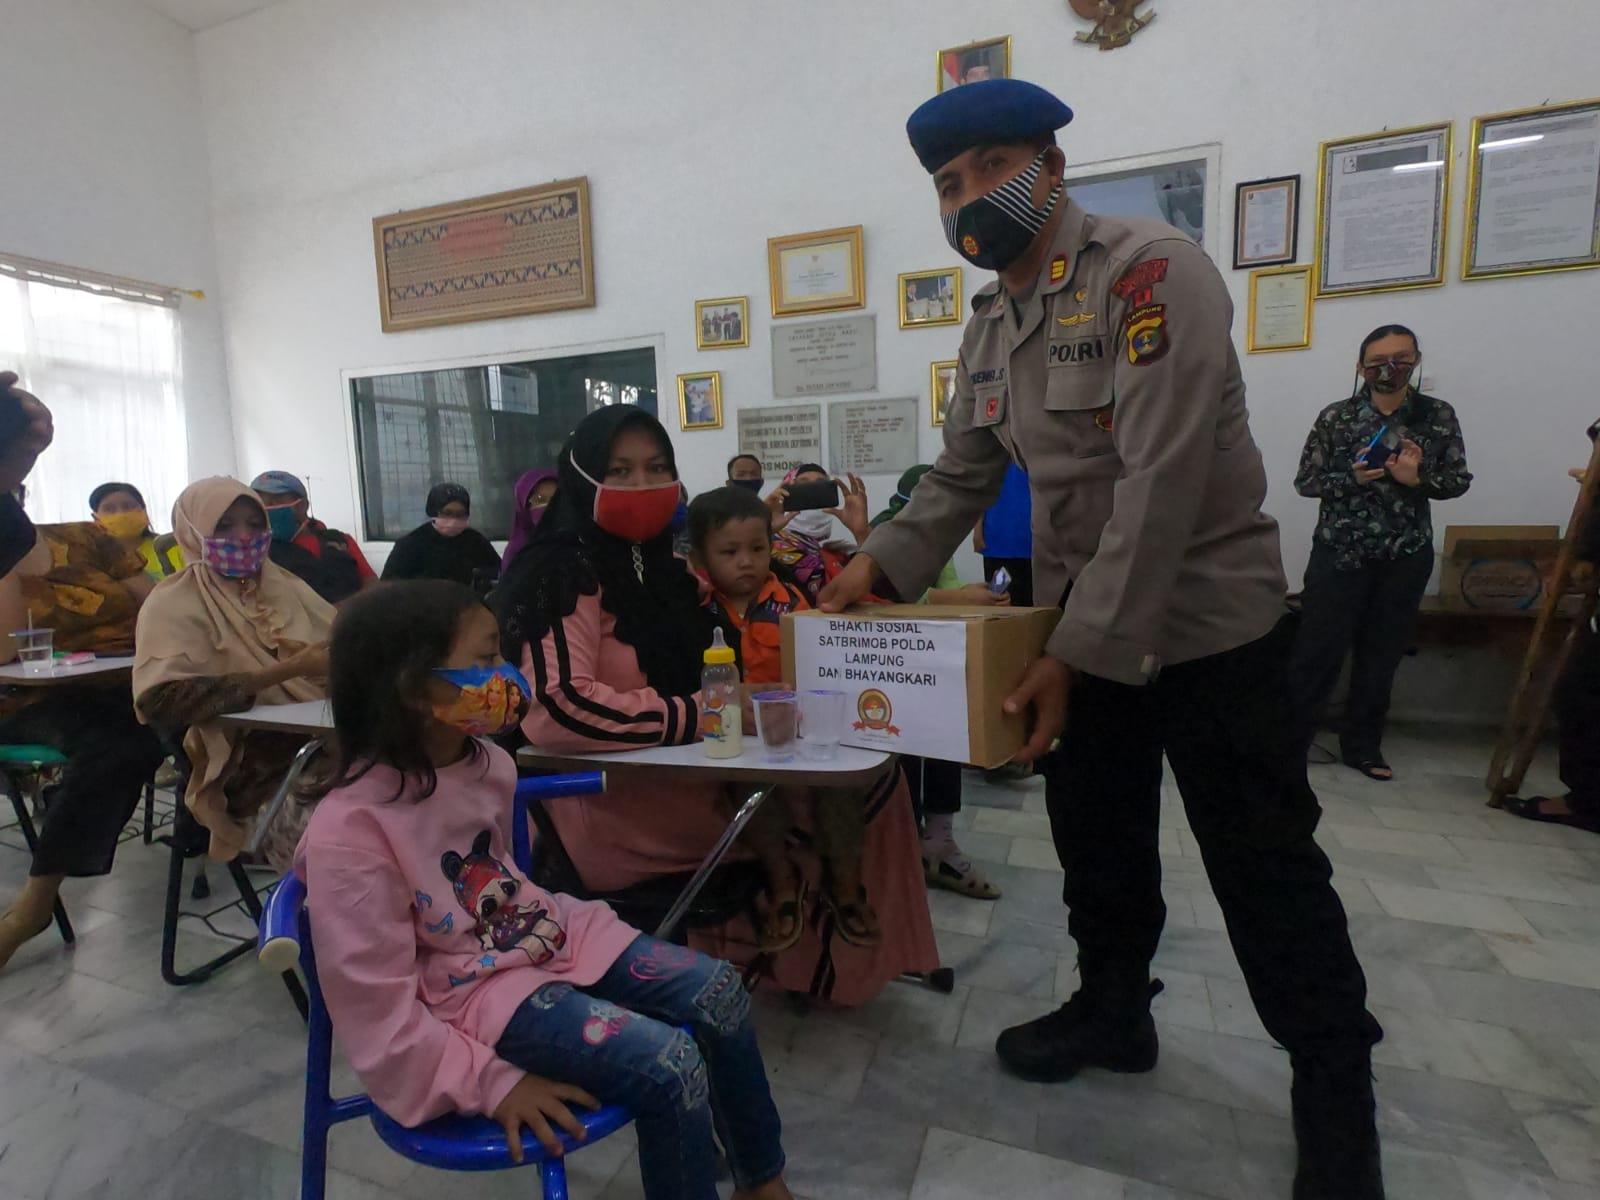 Dansat Brimobda Lampung, Kombes Pol. Donyar Kusumadji, S.I.K Himbau ajak anak buahnya untuk.memberikan bantuan kepada  penyandang disabilitas